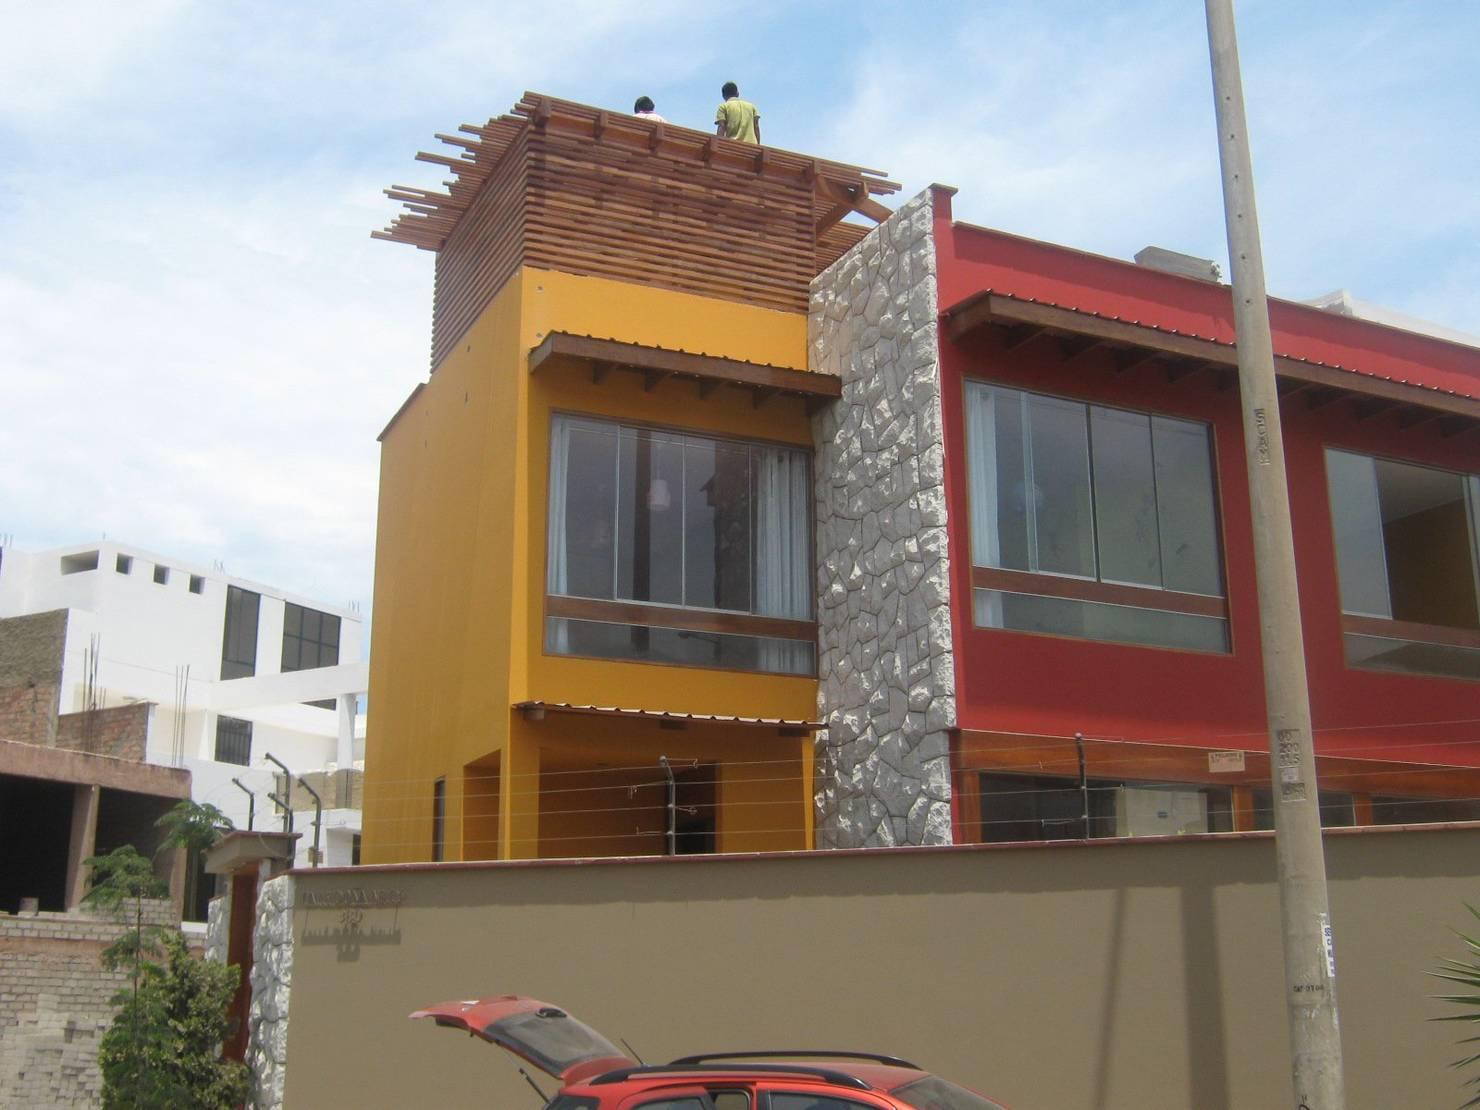 Modelos de casas pequeñas peruanas